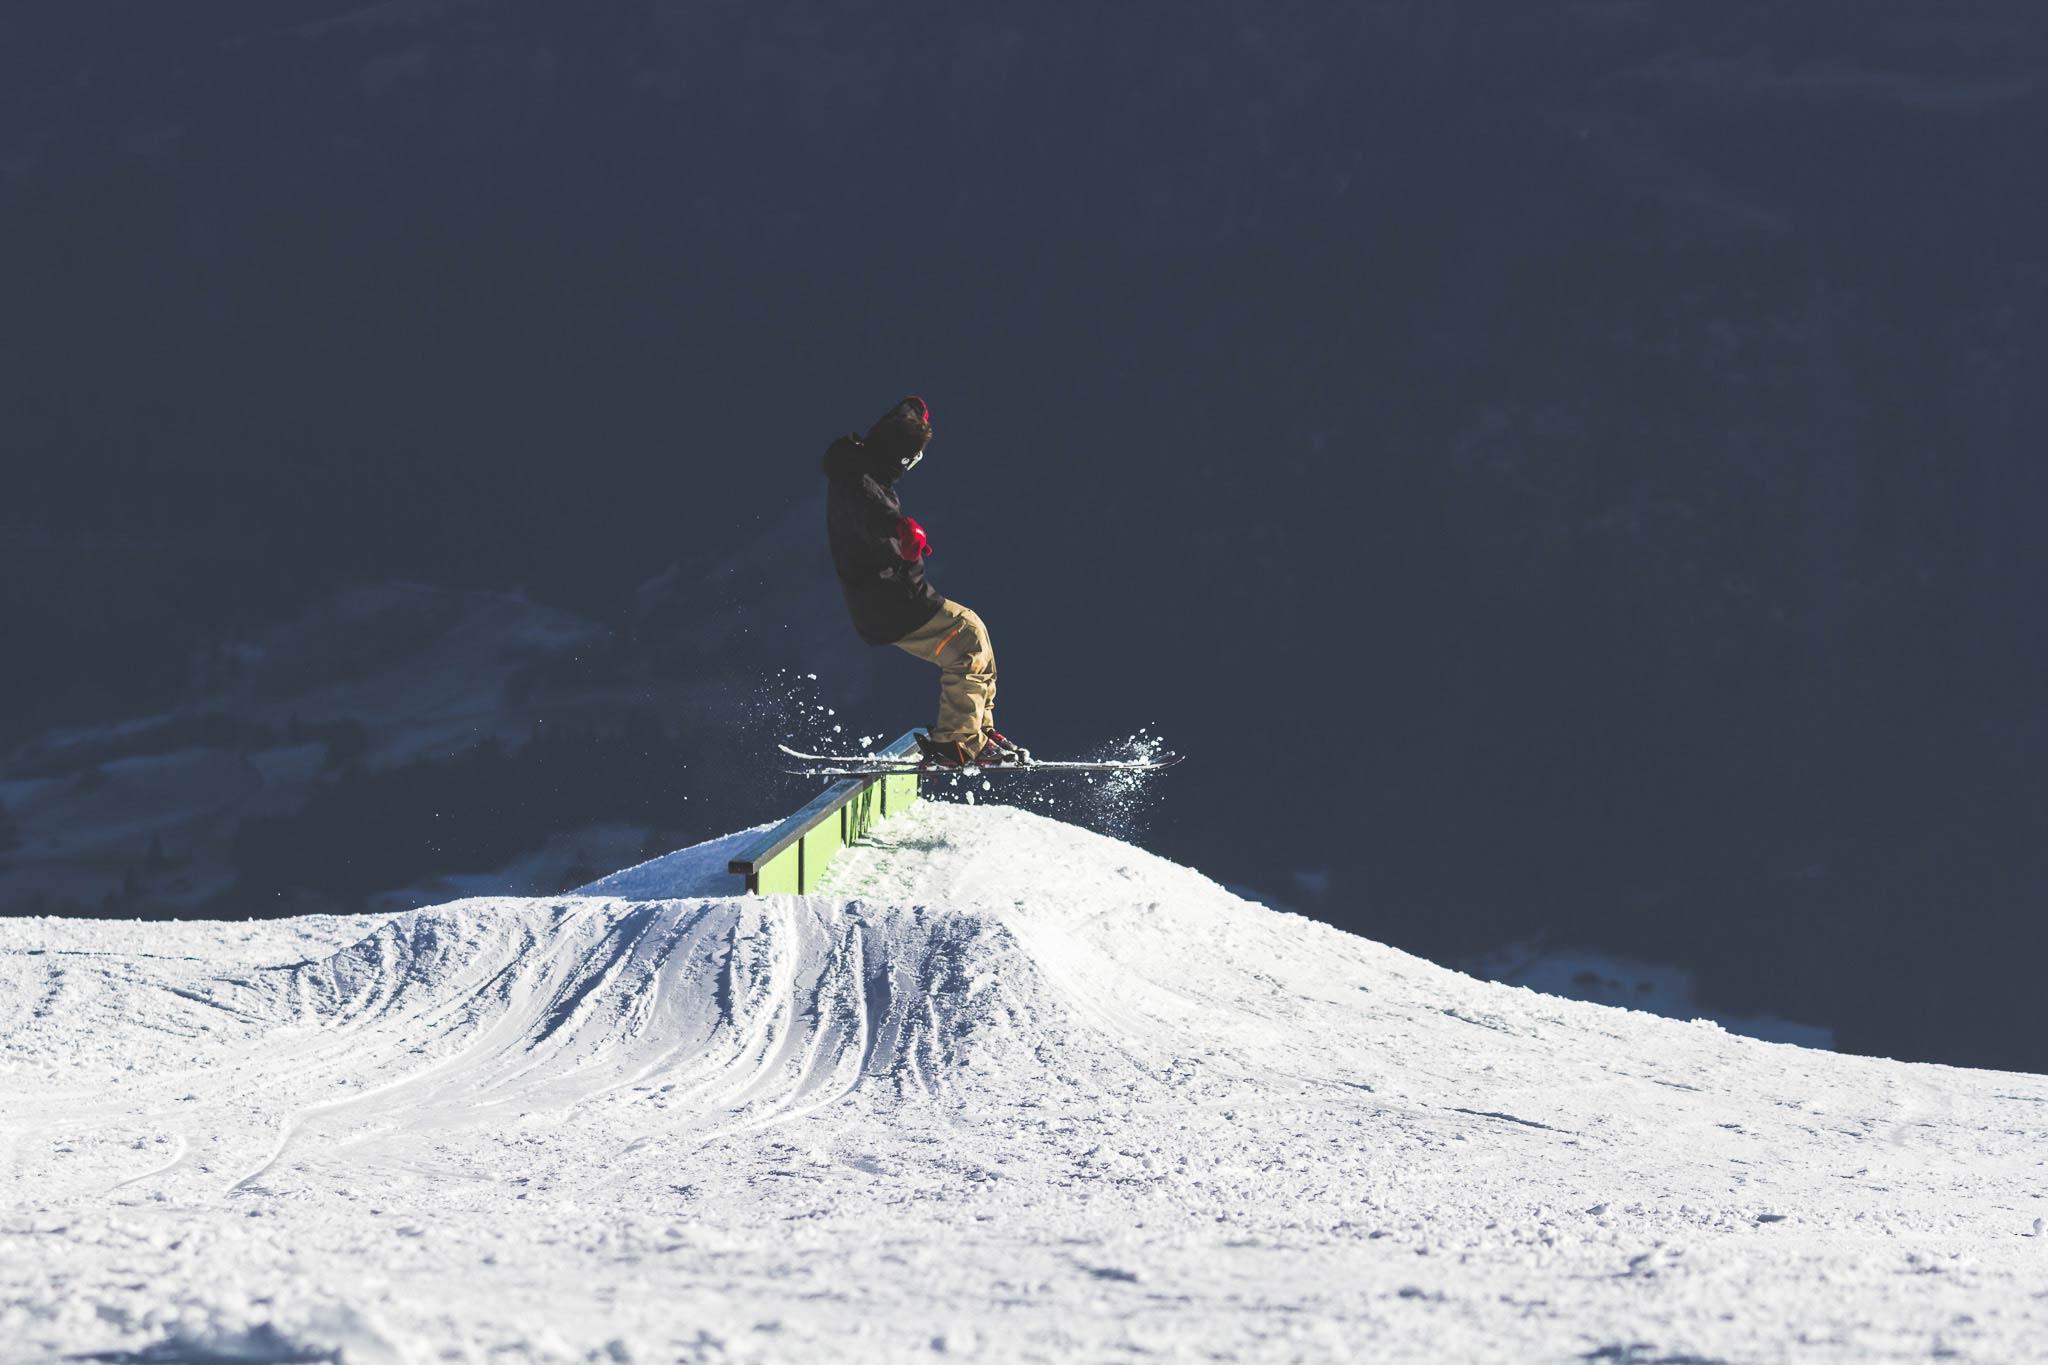 Location: Snowpark LAAX - Foto: Jörg Angeli